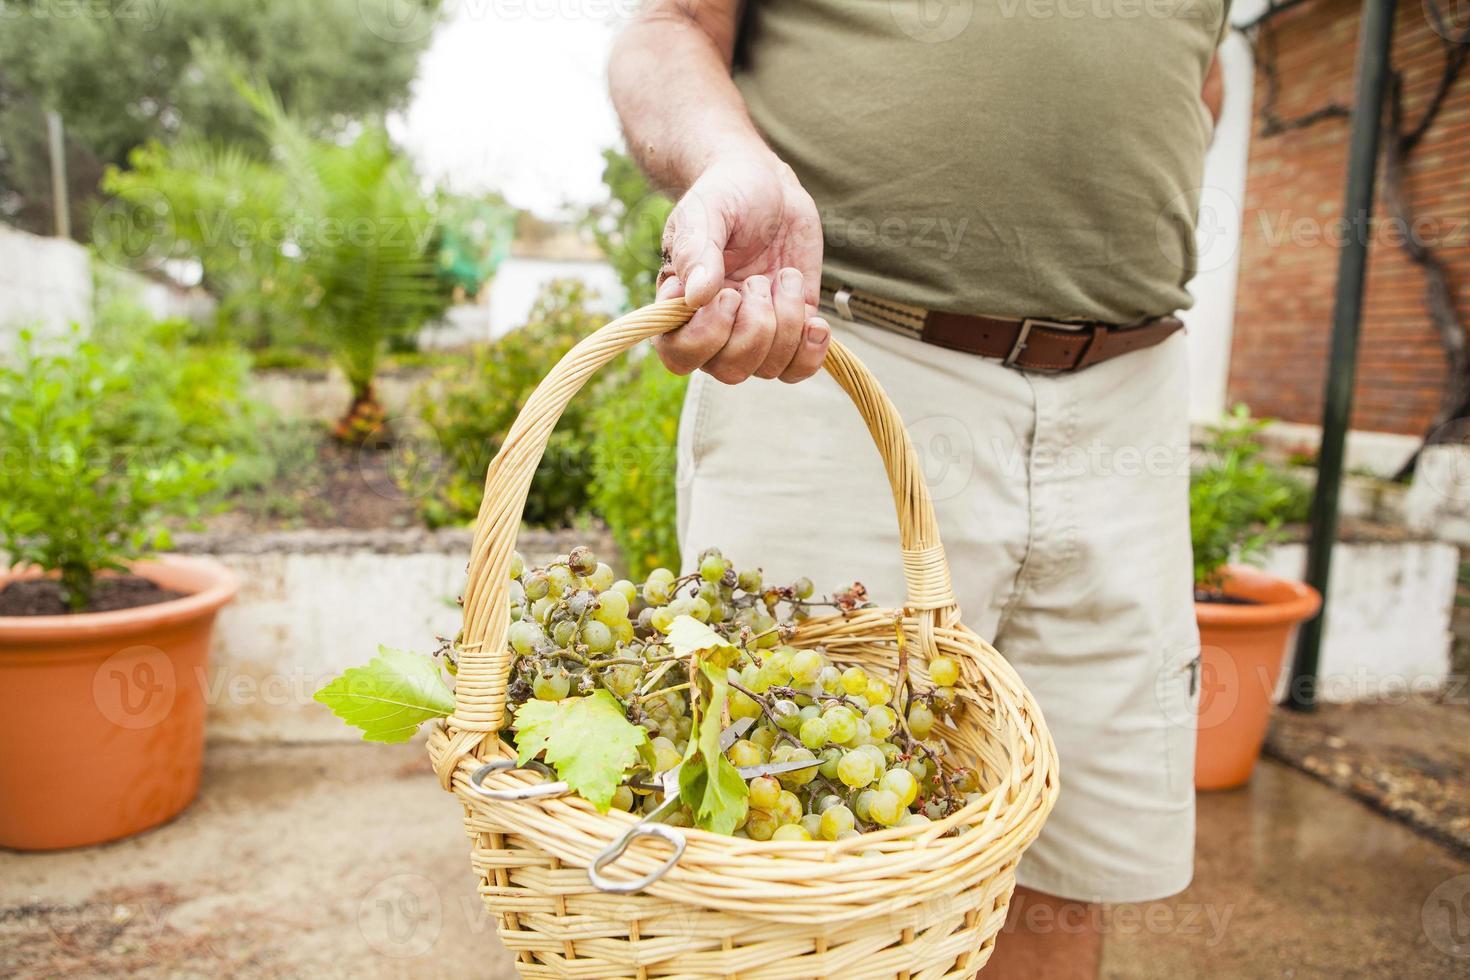 närbild av druvkorg som hålls av äldre manhand. foto